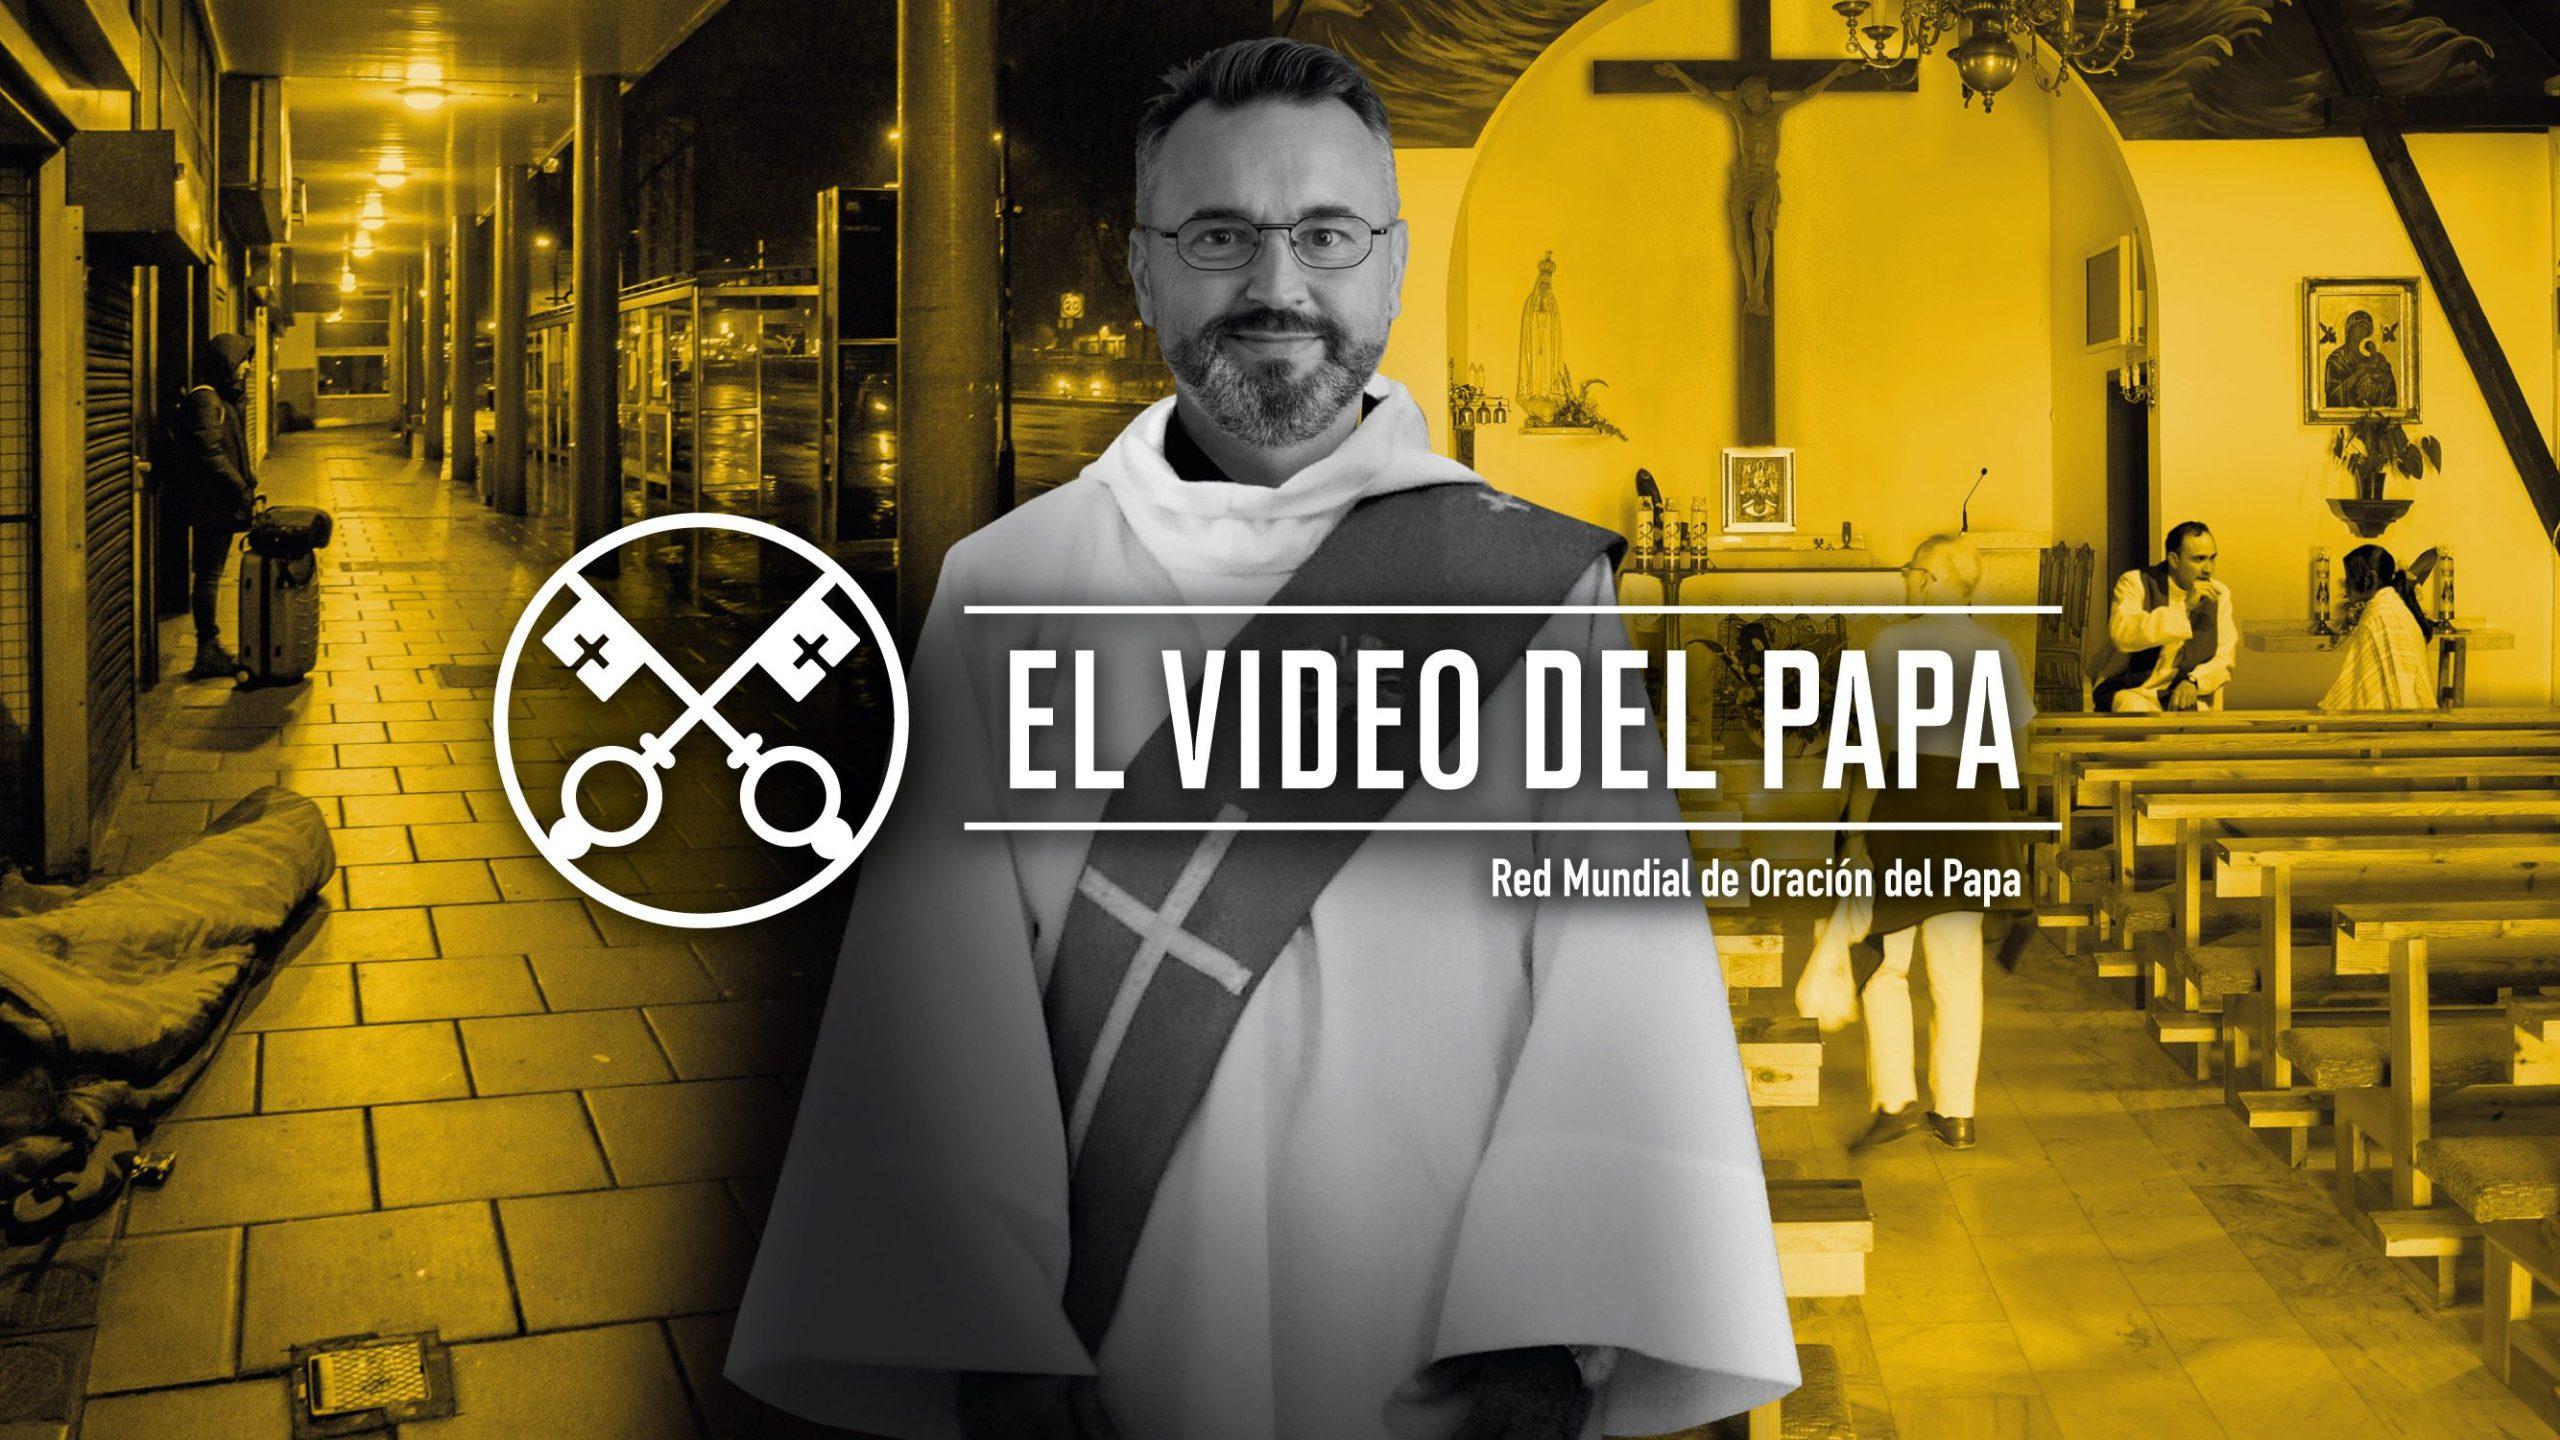 Official Image - TPV 5 2020 ES - El Video del Papa - Por los diáconos